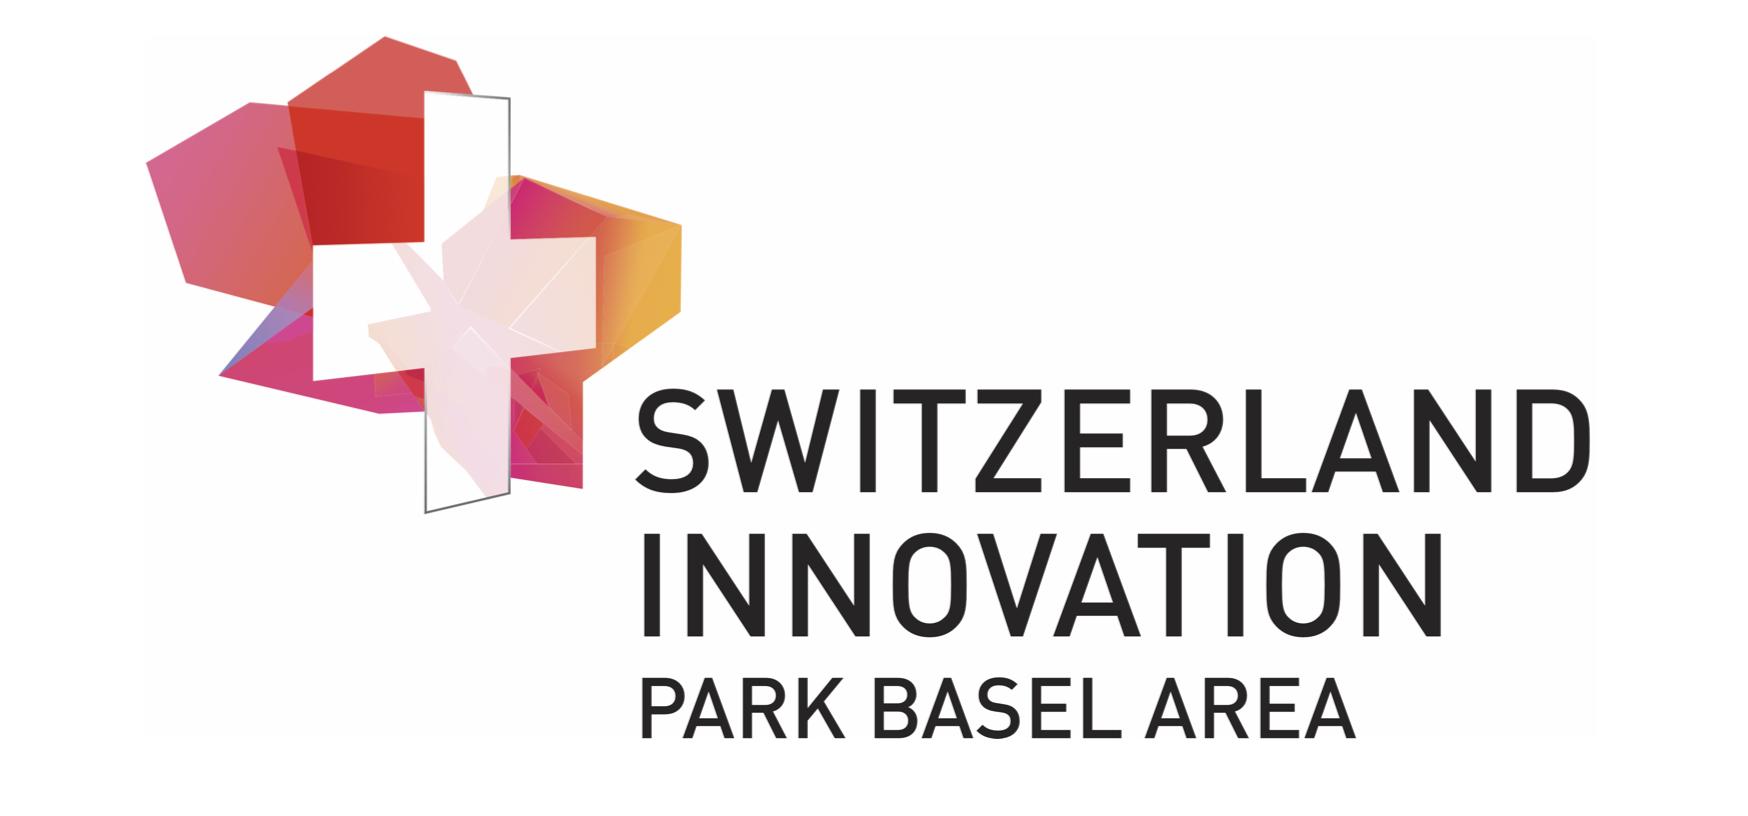 Switzerland Innovation Park Basel Area English logo